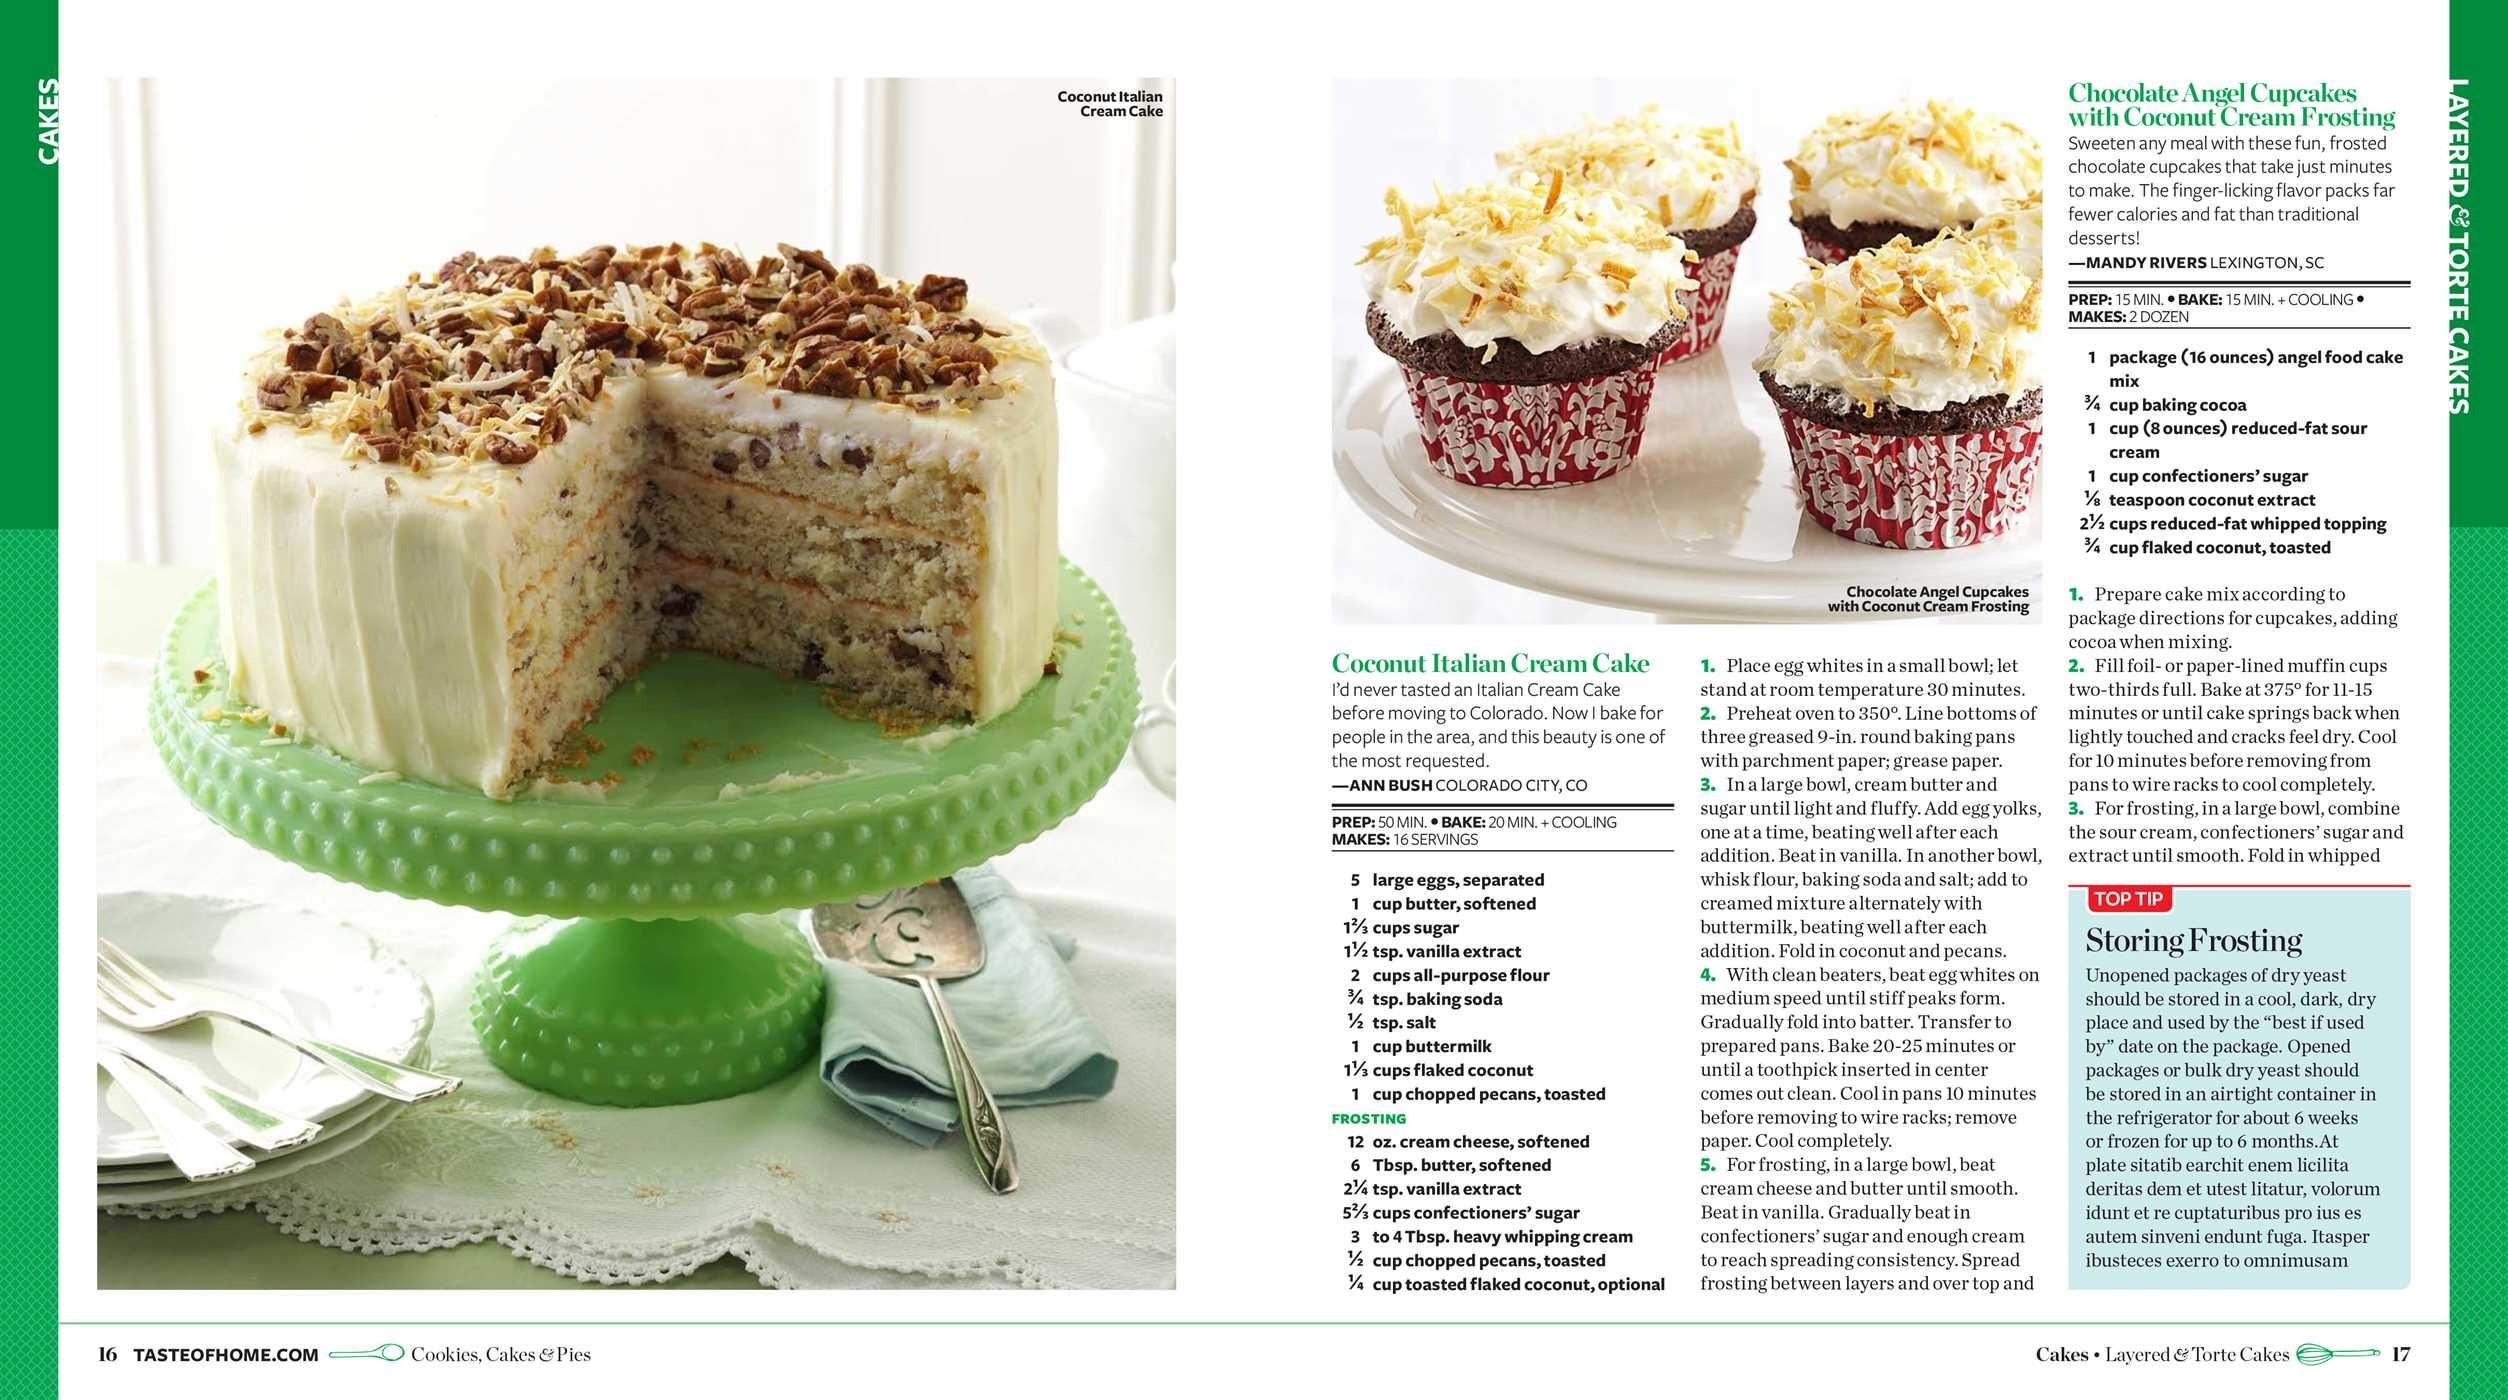 Taste Of Home Cookies Cakes Pies Book By Editors At Taste Of